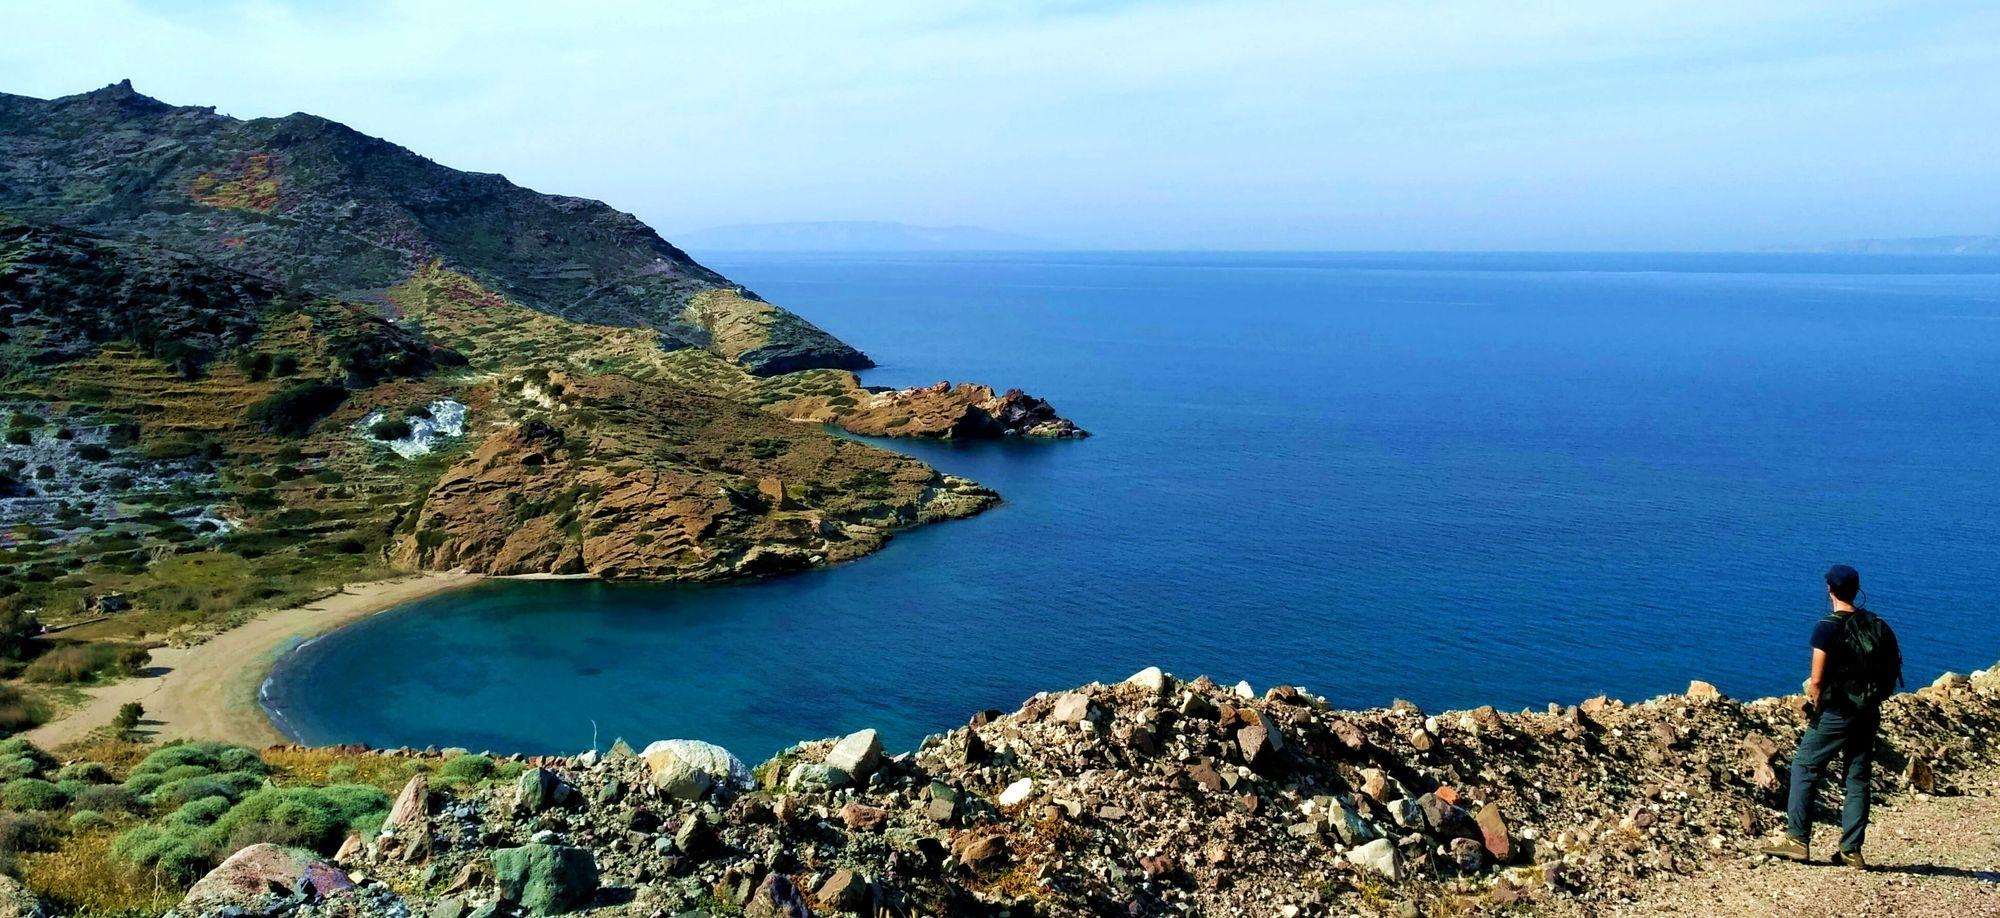 Circuit de randonnée Sifnos et Kimolos : Kimolos, plage de Monastiria